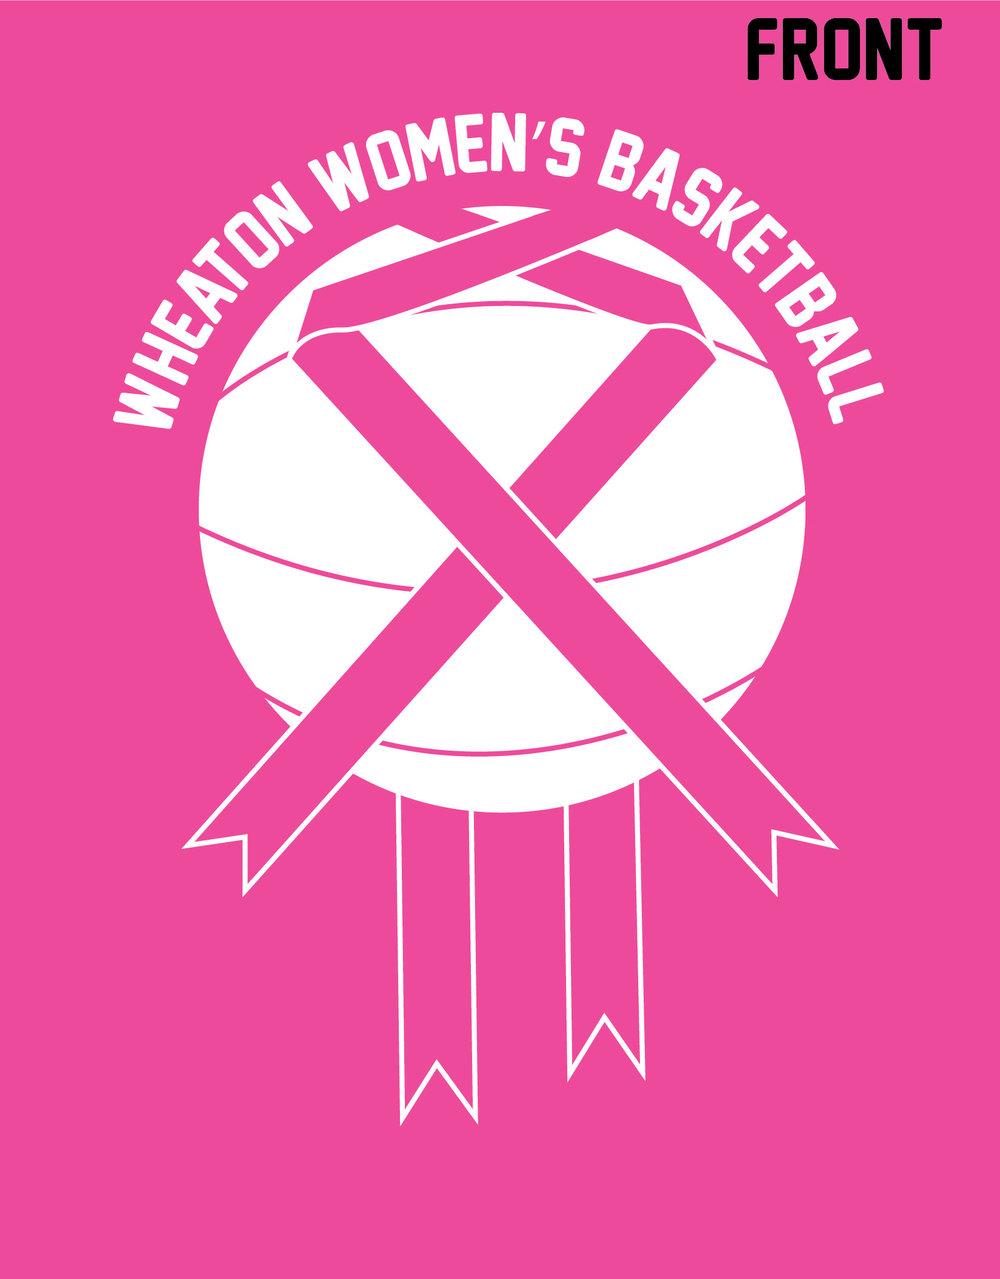 Women's basketball tournement Shirt-01.jpg